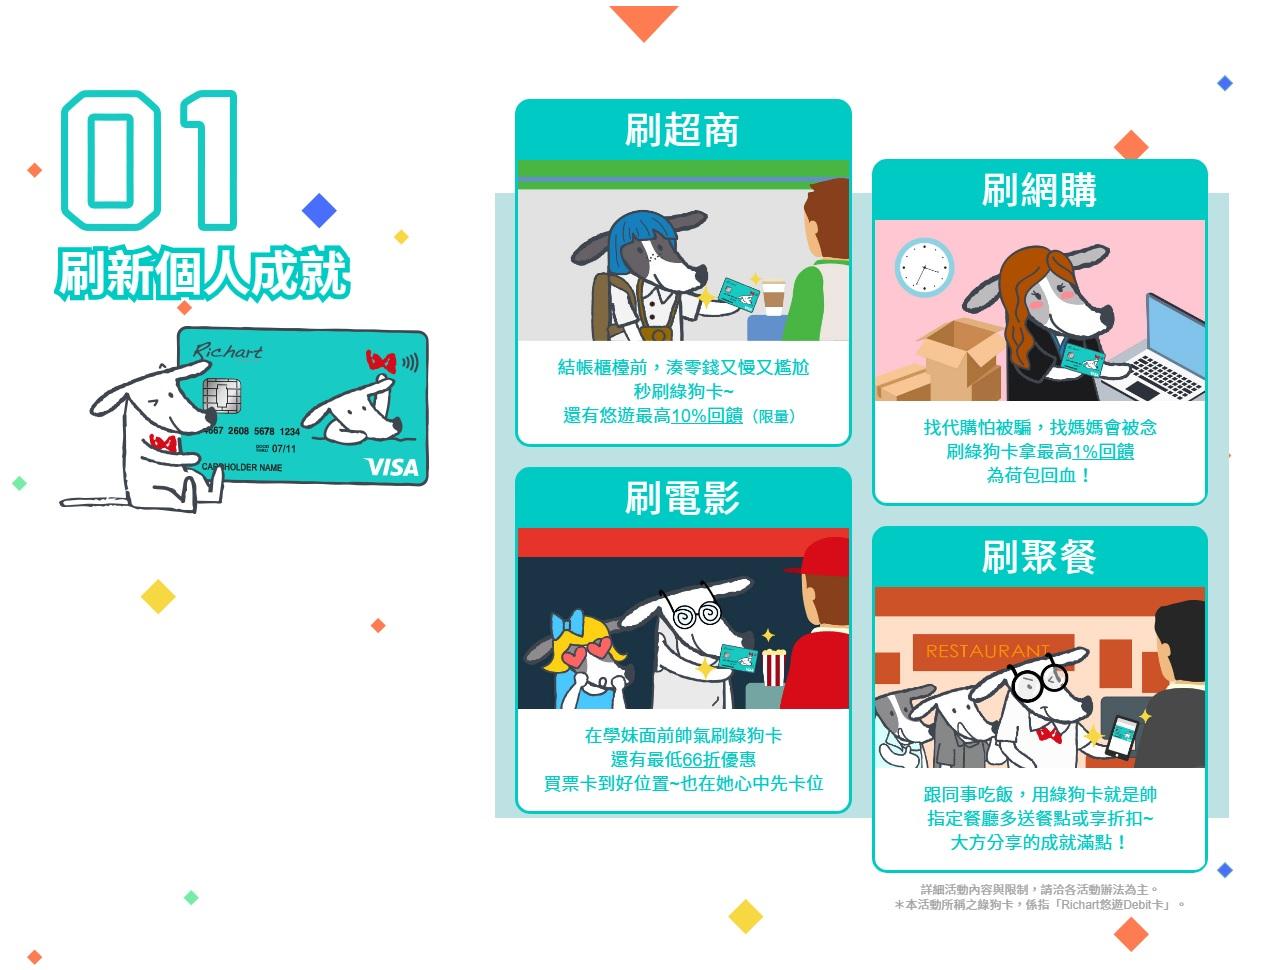 台新銀行Richart 悠遊Debit 卡 數位銀行推薦